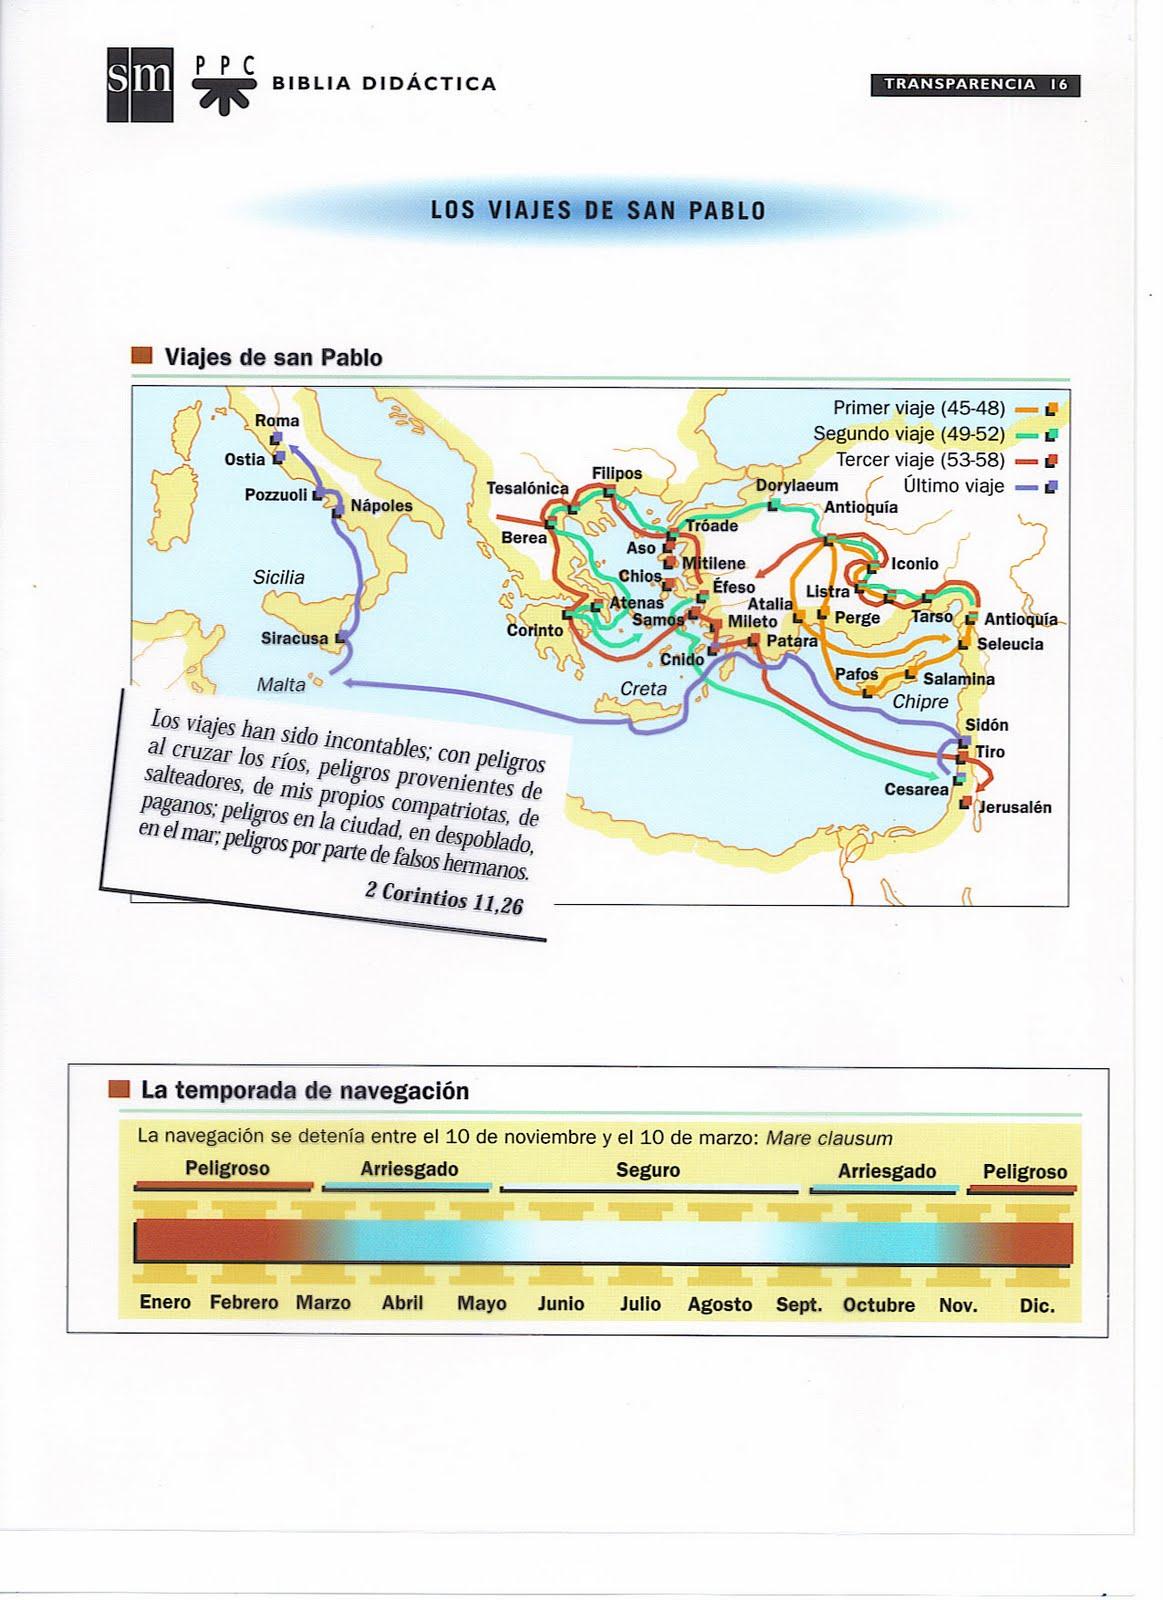 Materiales de religi n cat lica los viajes de san pablo for Cuarto viaje de san pablo